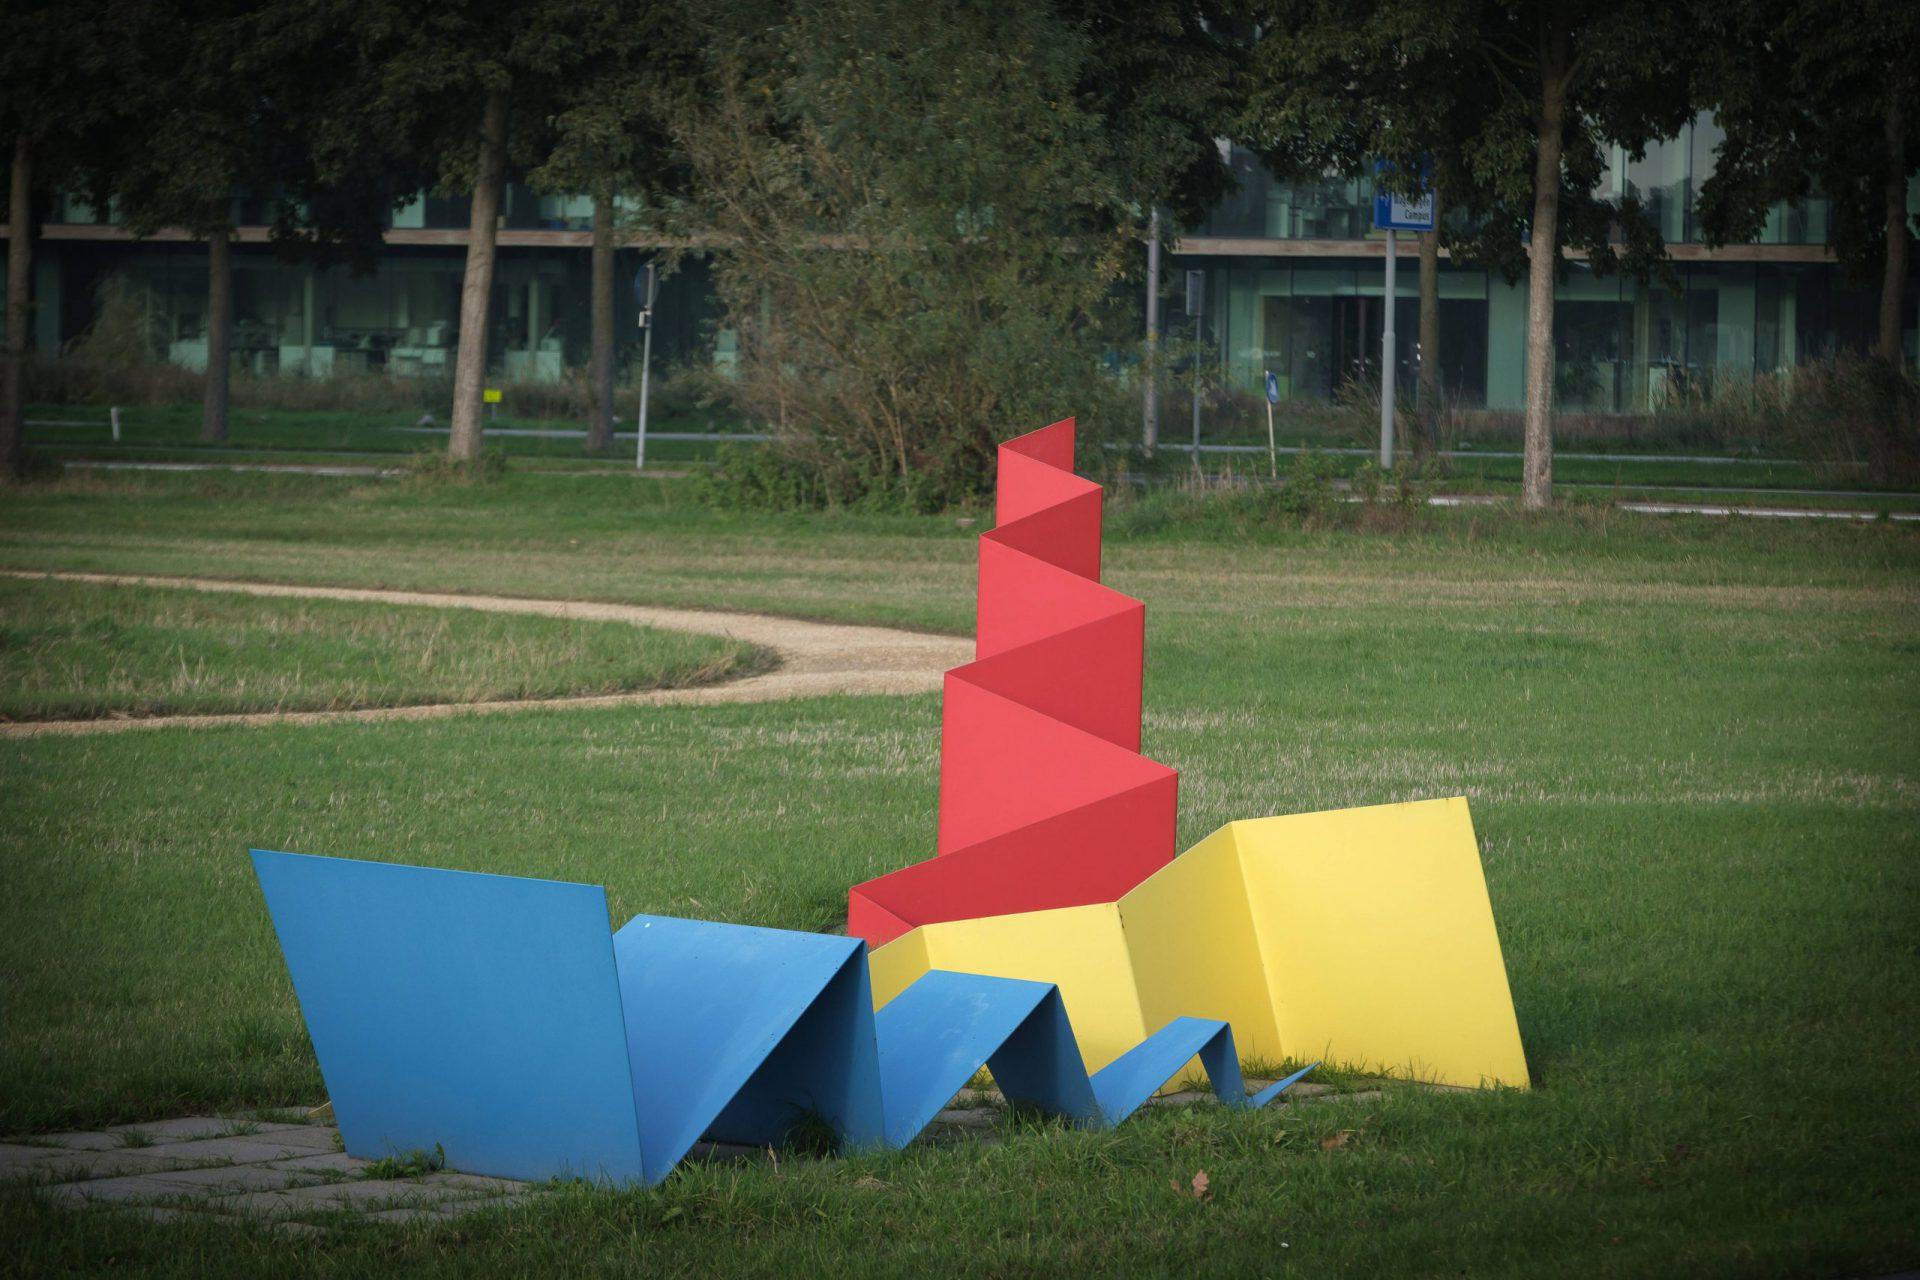 Landschappelijke vormen / Shapes in Landscapes, Erzsike Mari (1985)